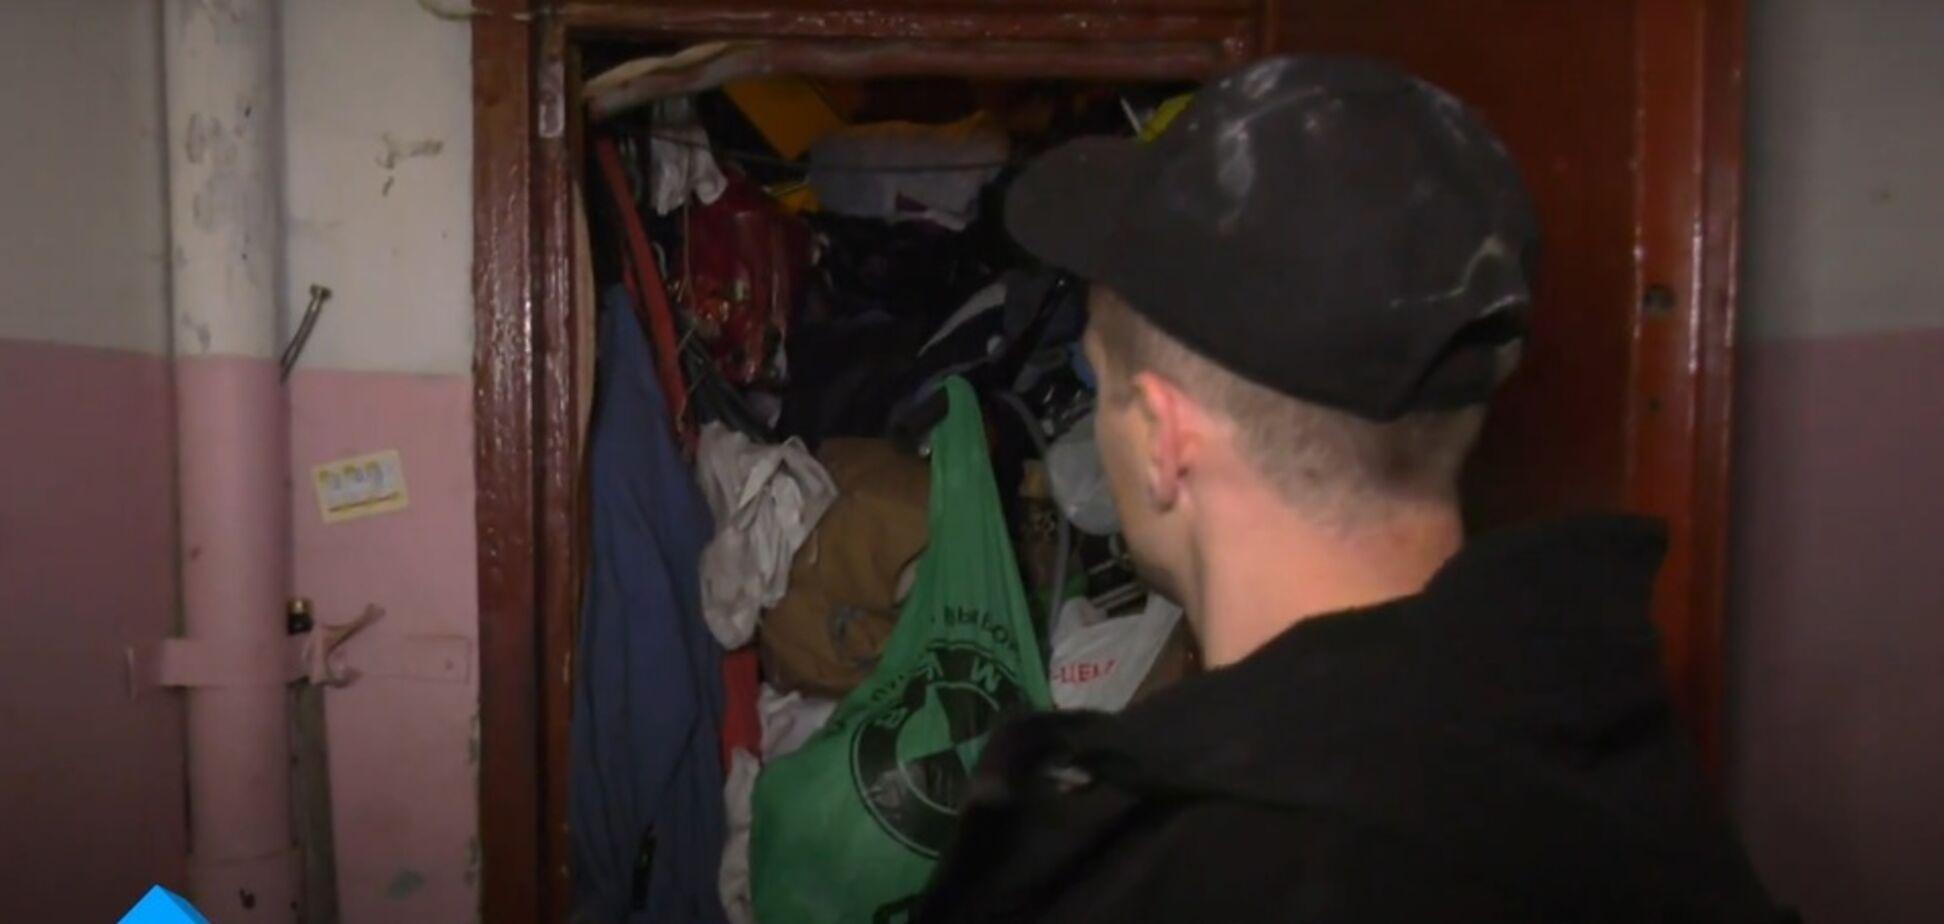 20 лет не выносил мусор: одессит удивил захламленной квартирой-свалкой